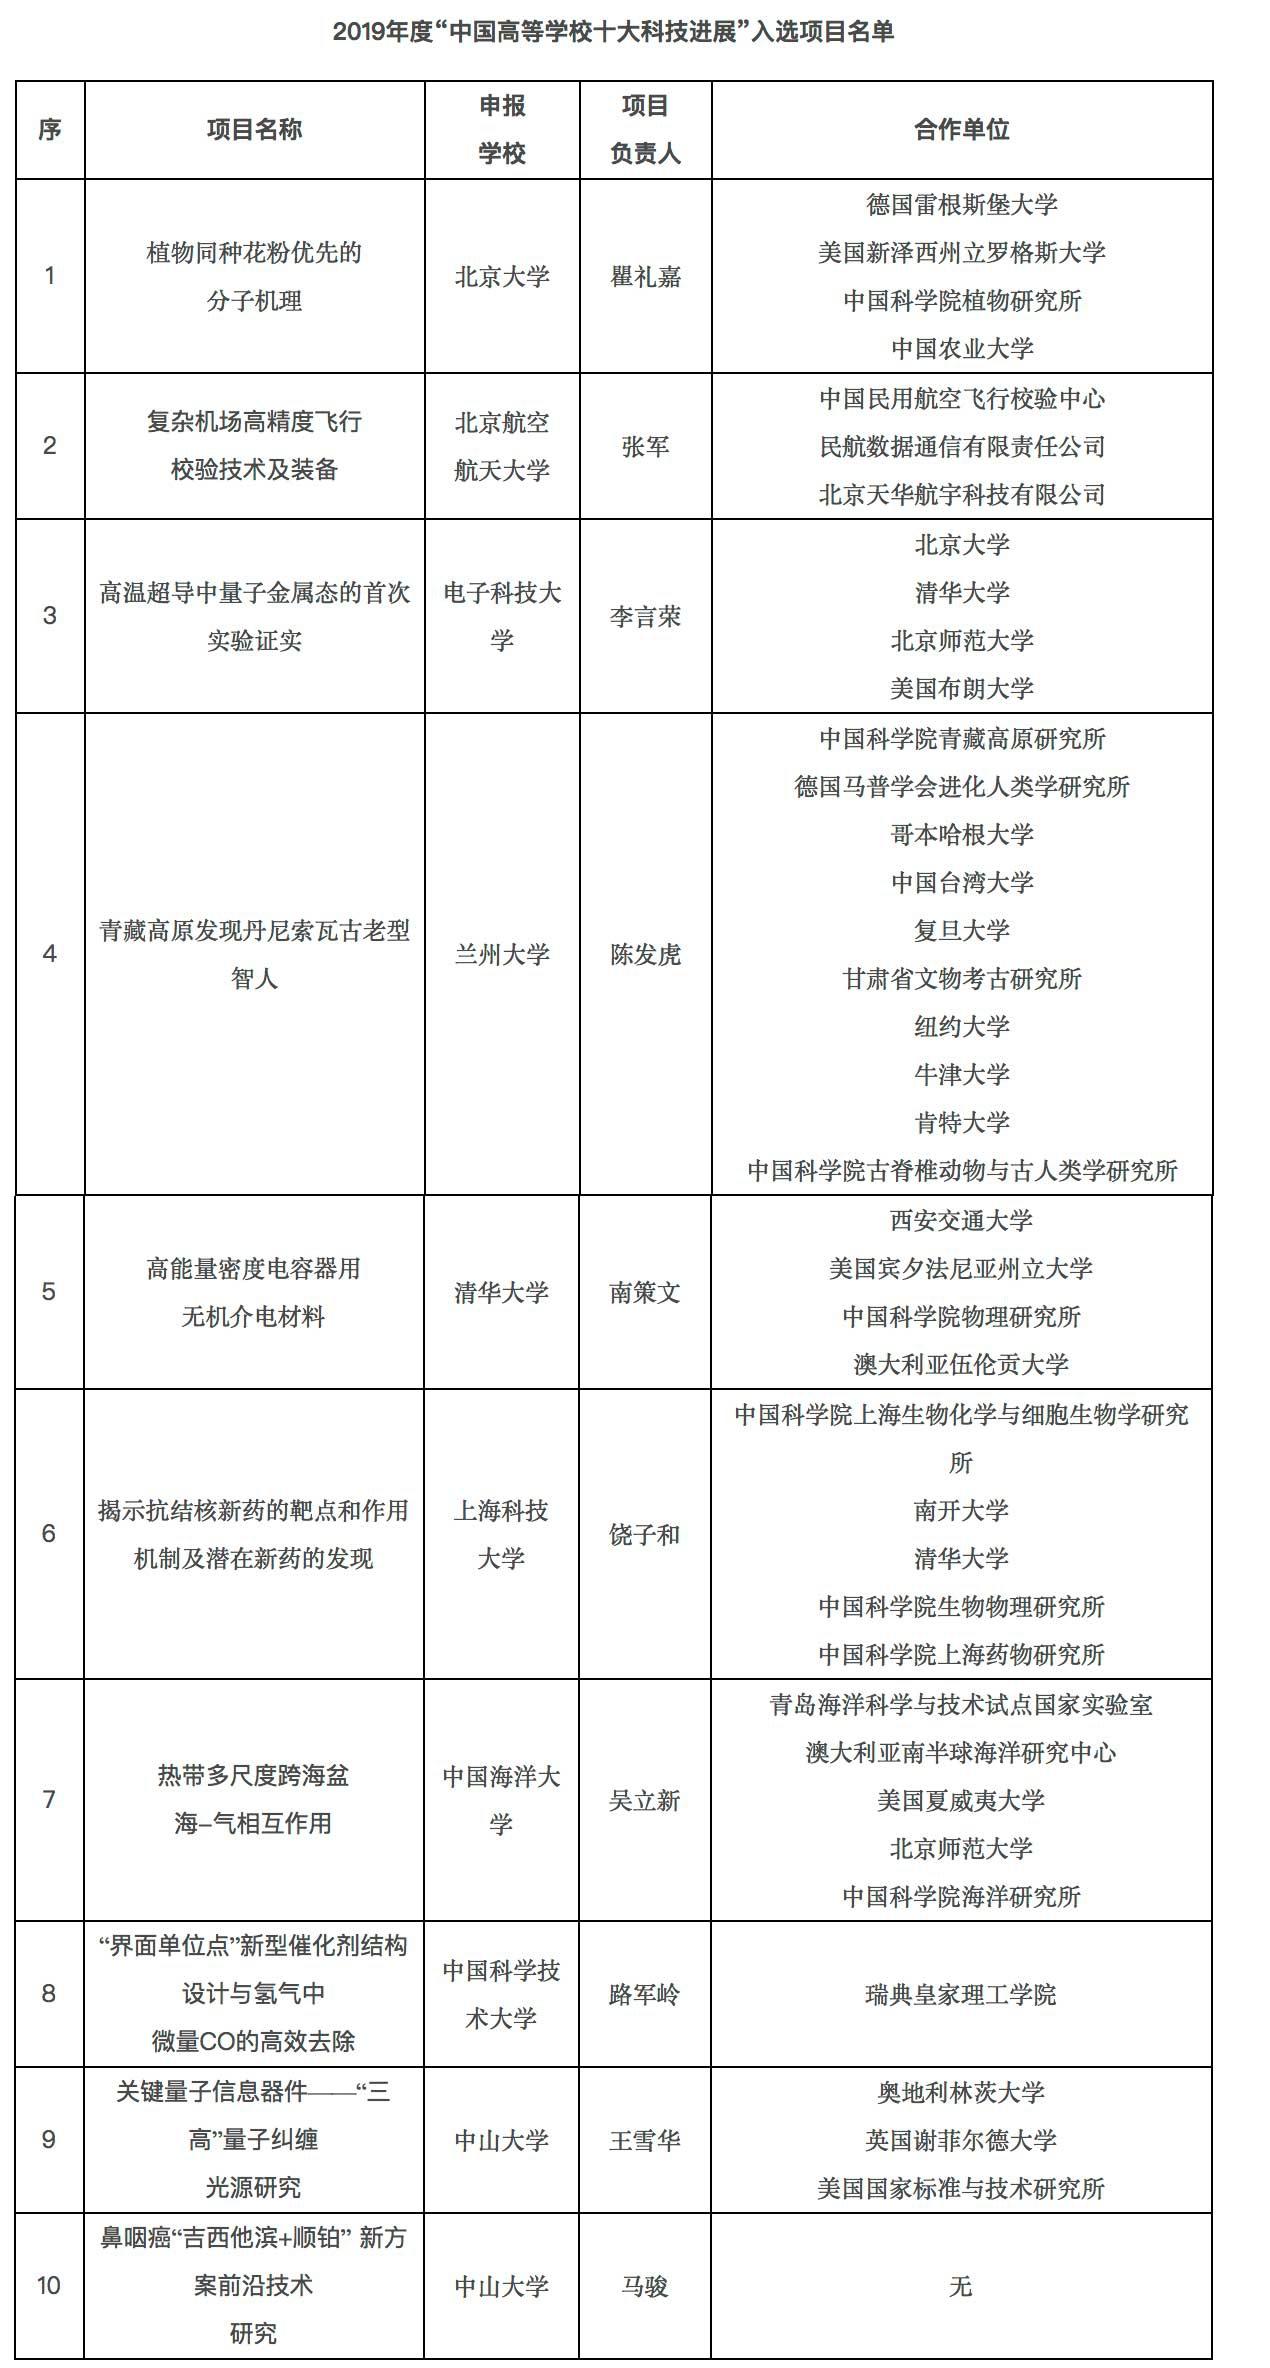 2019年中国高校十大科技进展揭晓图片